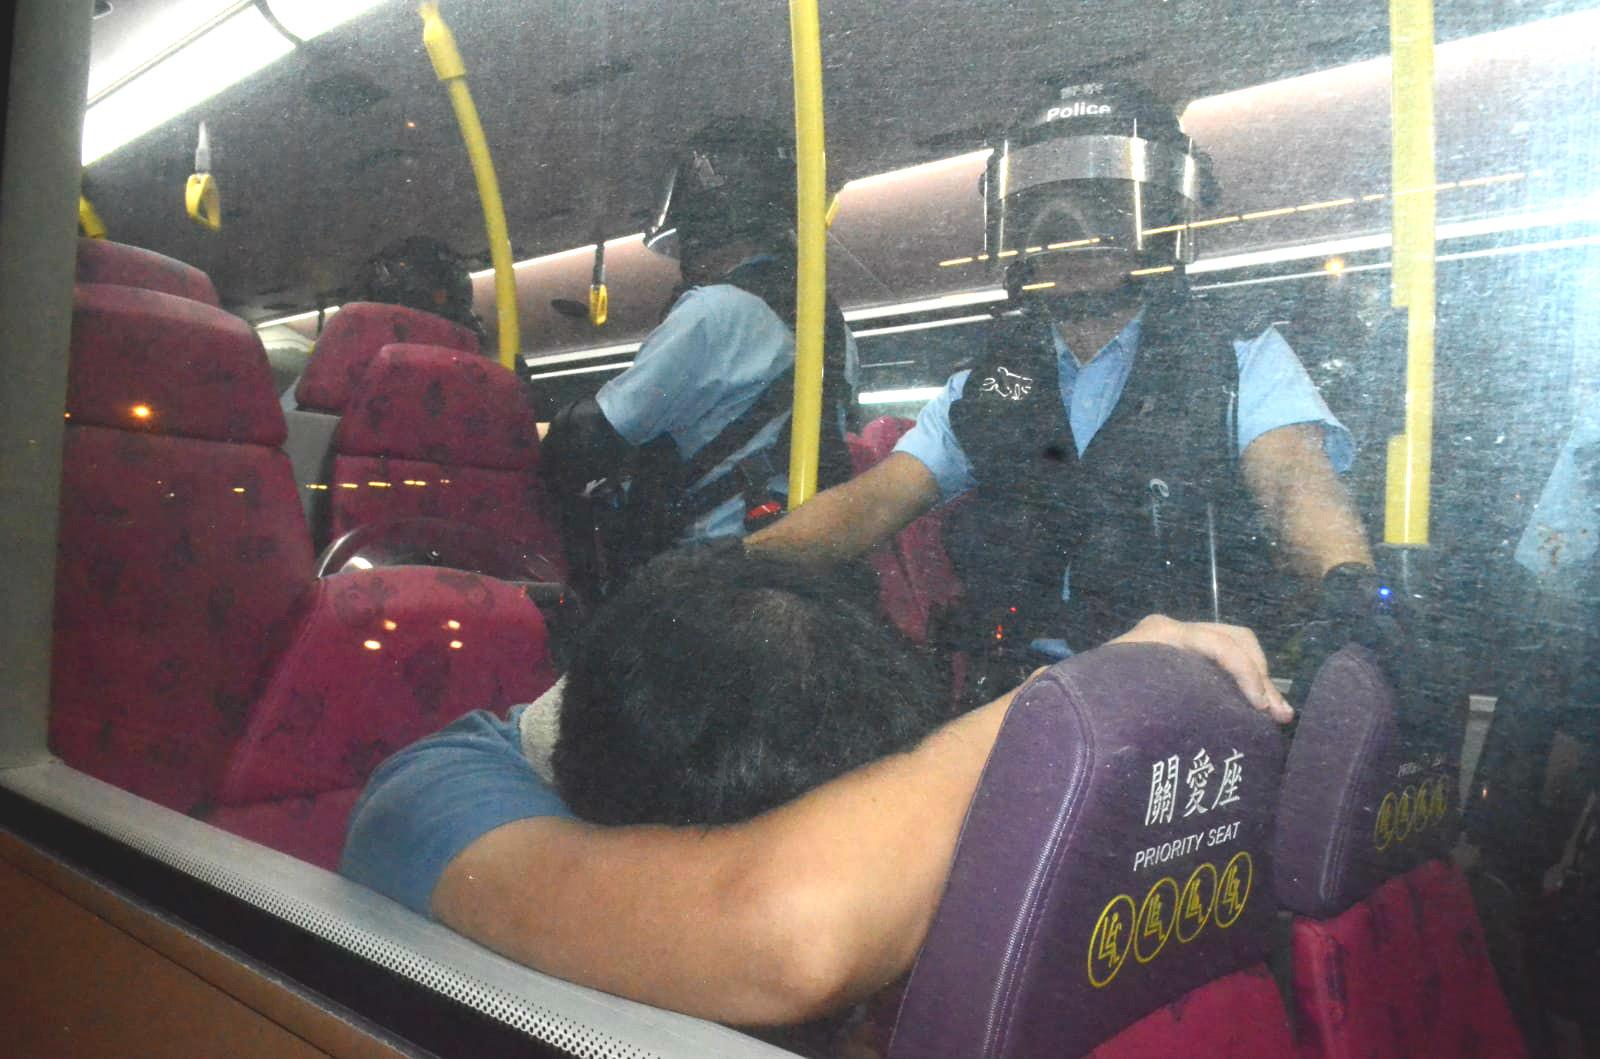 警員昨晚登上巴士搜查。資料圖片